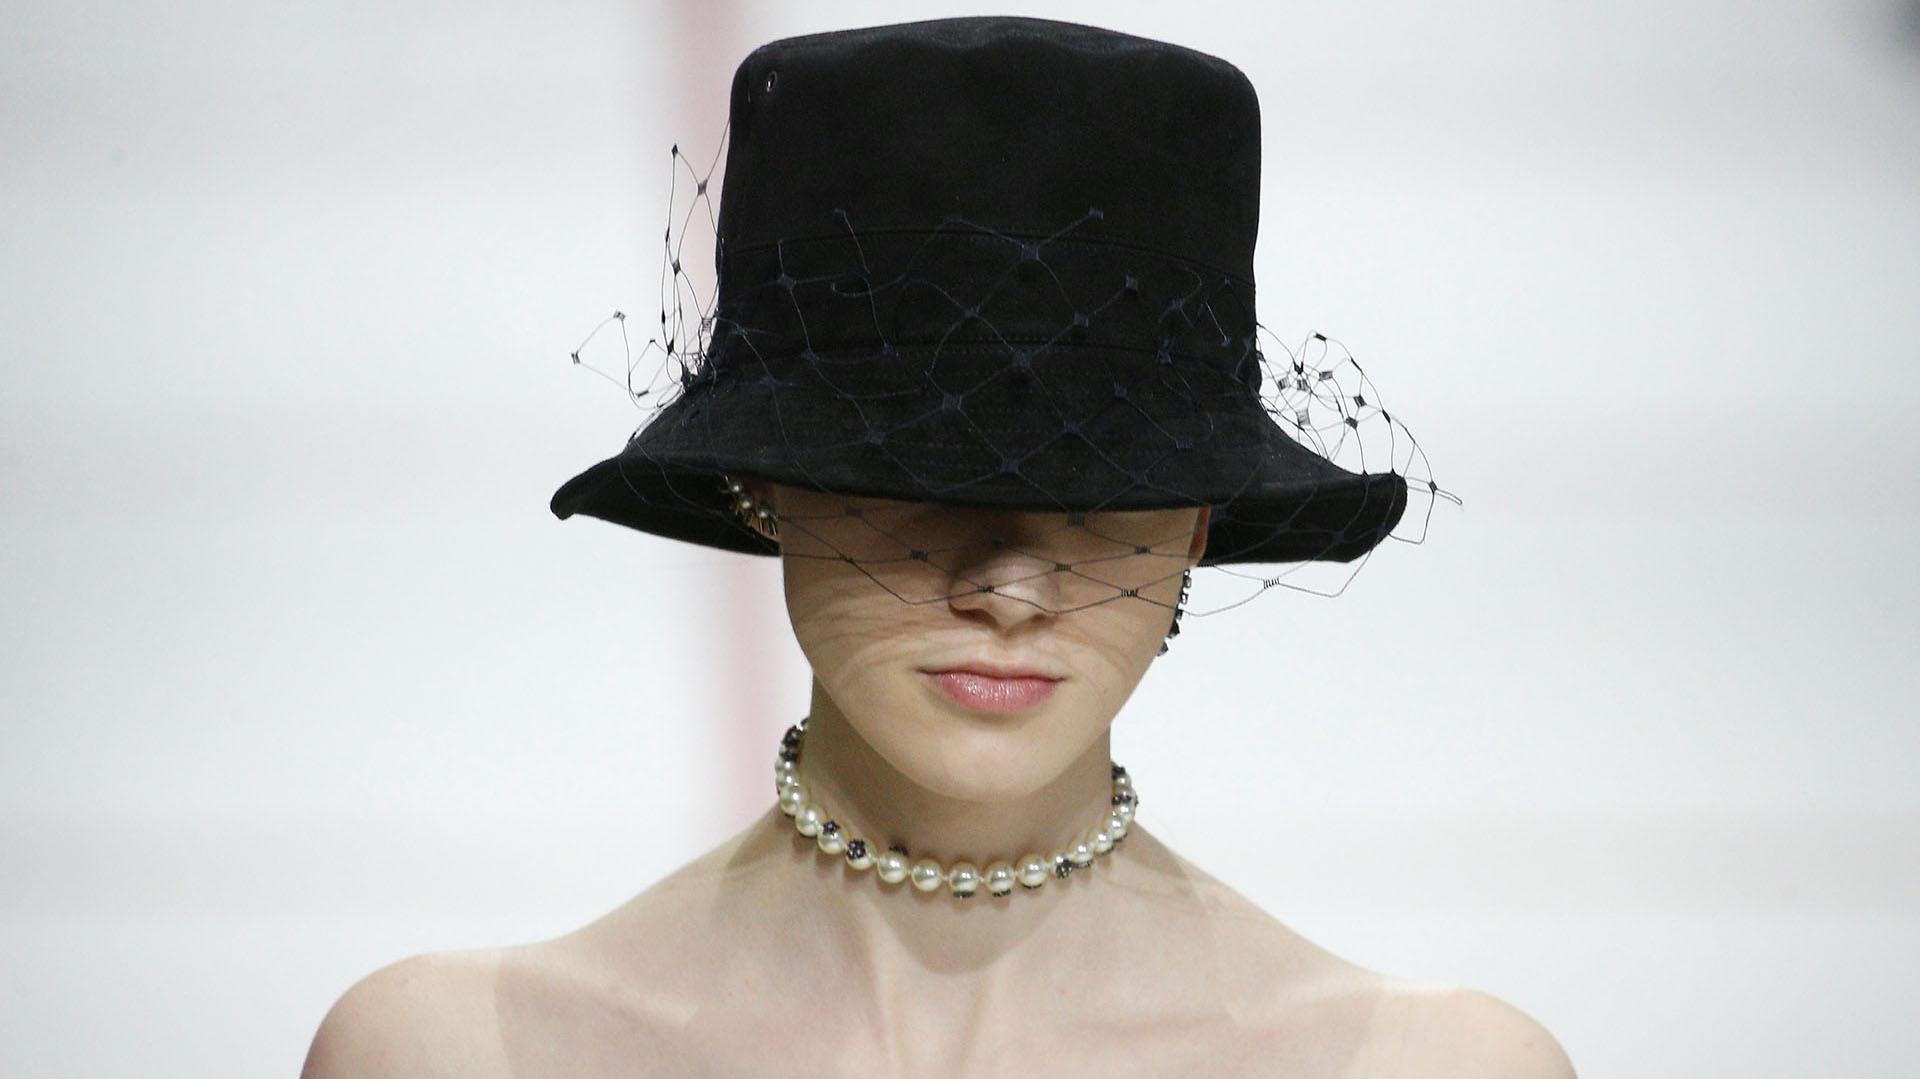 Los sombreros con red y plumetí fueron los principales accesorios del desfile del ready-to-wear de la colección otoño-invierno 2019 de Dior en París y chokers de perlas, como collares de accesorios y aros en toda la oreja